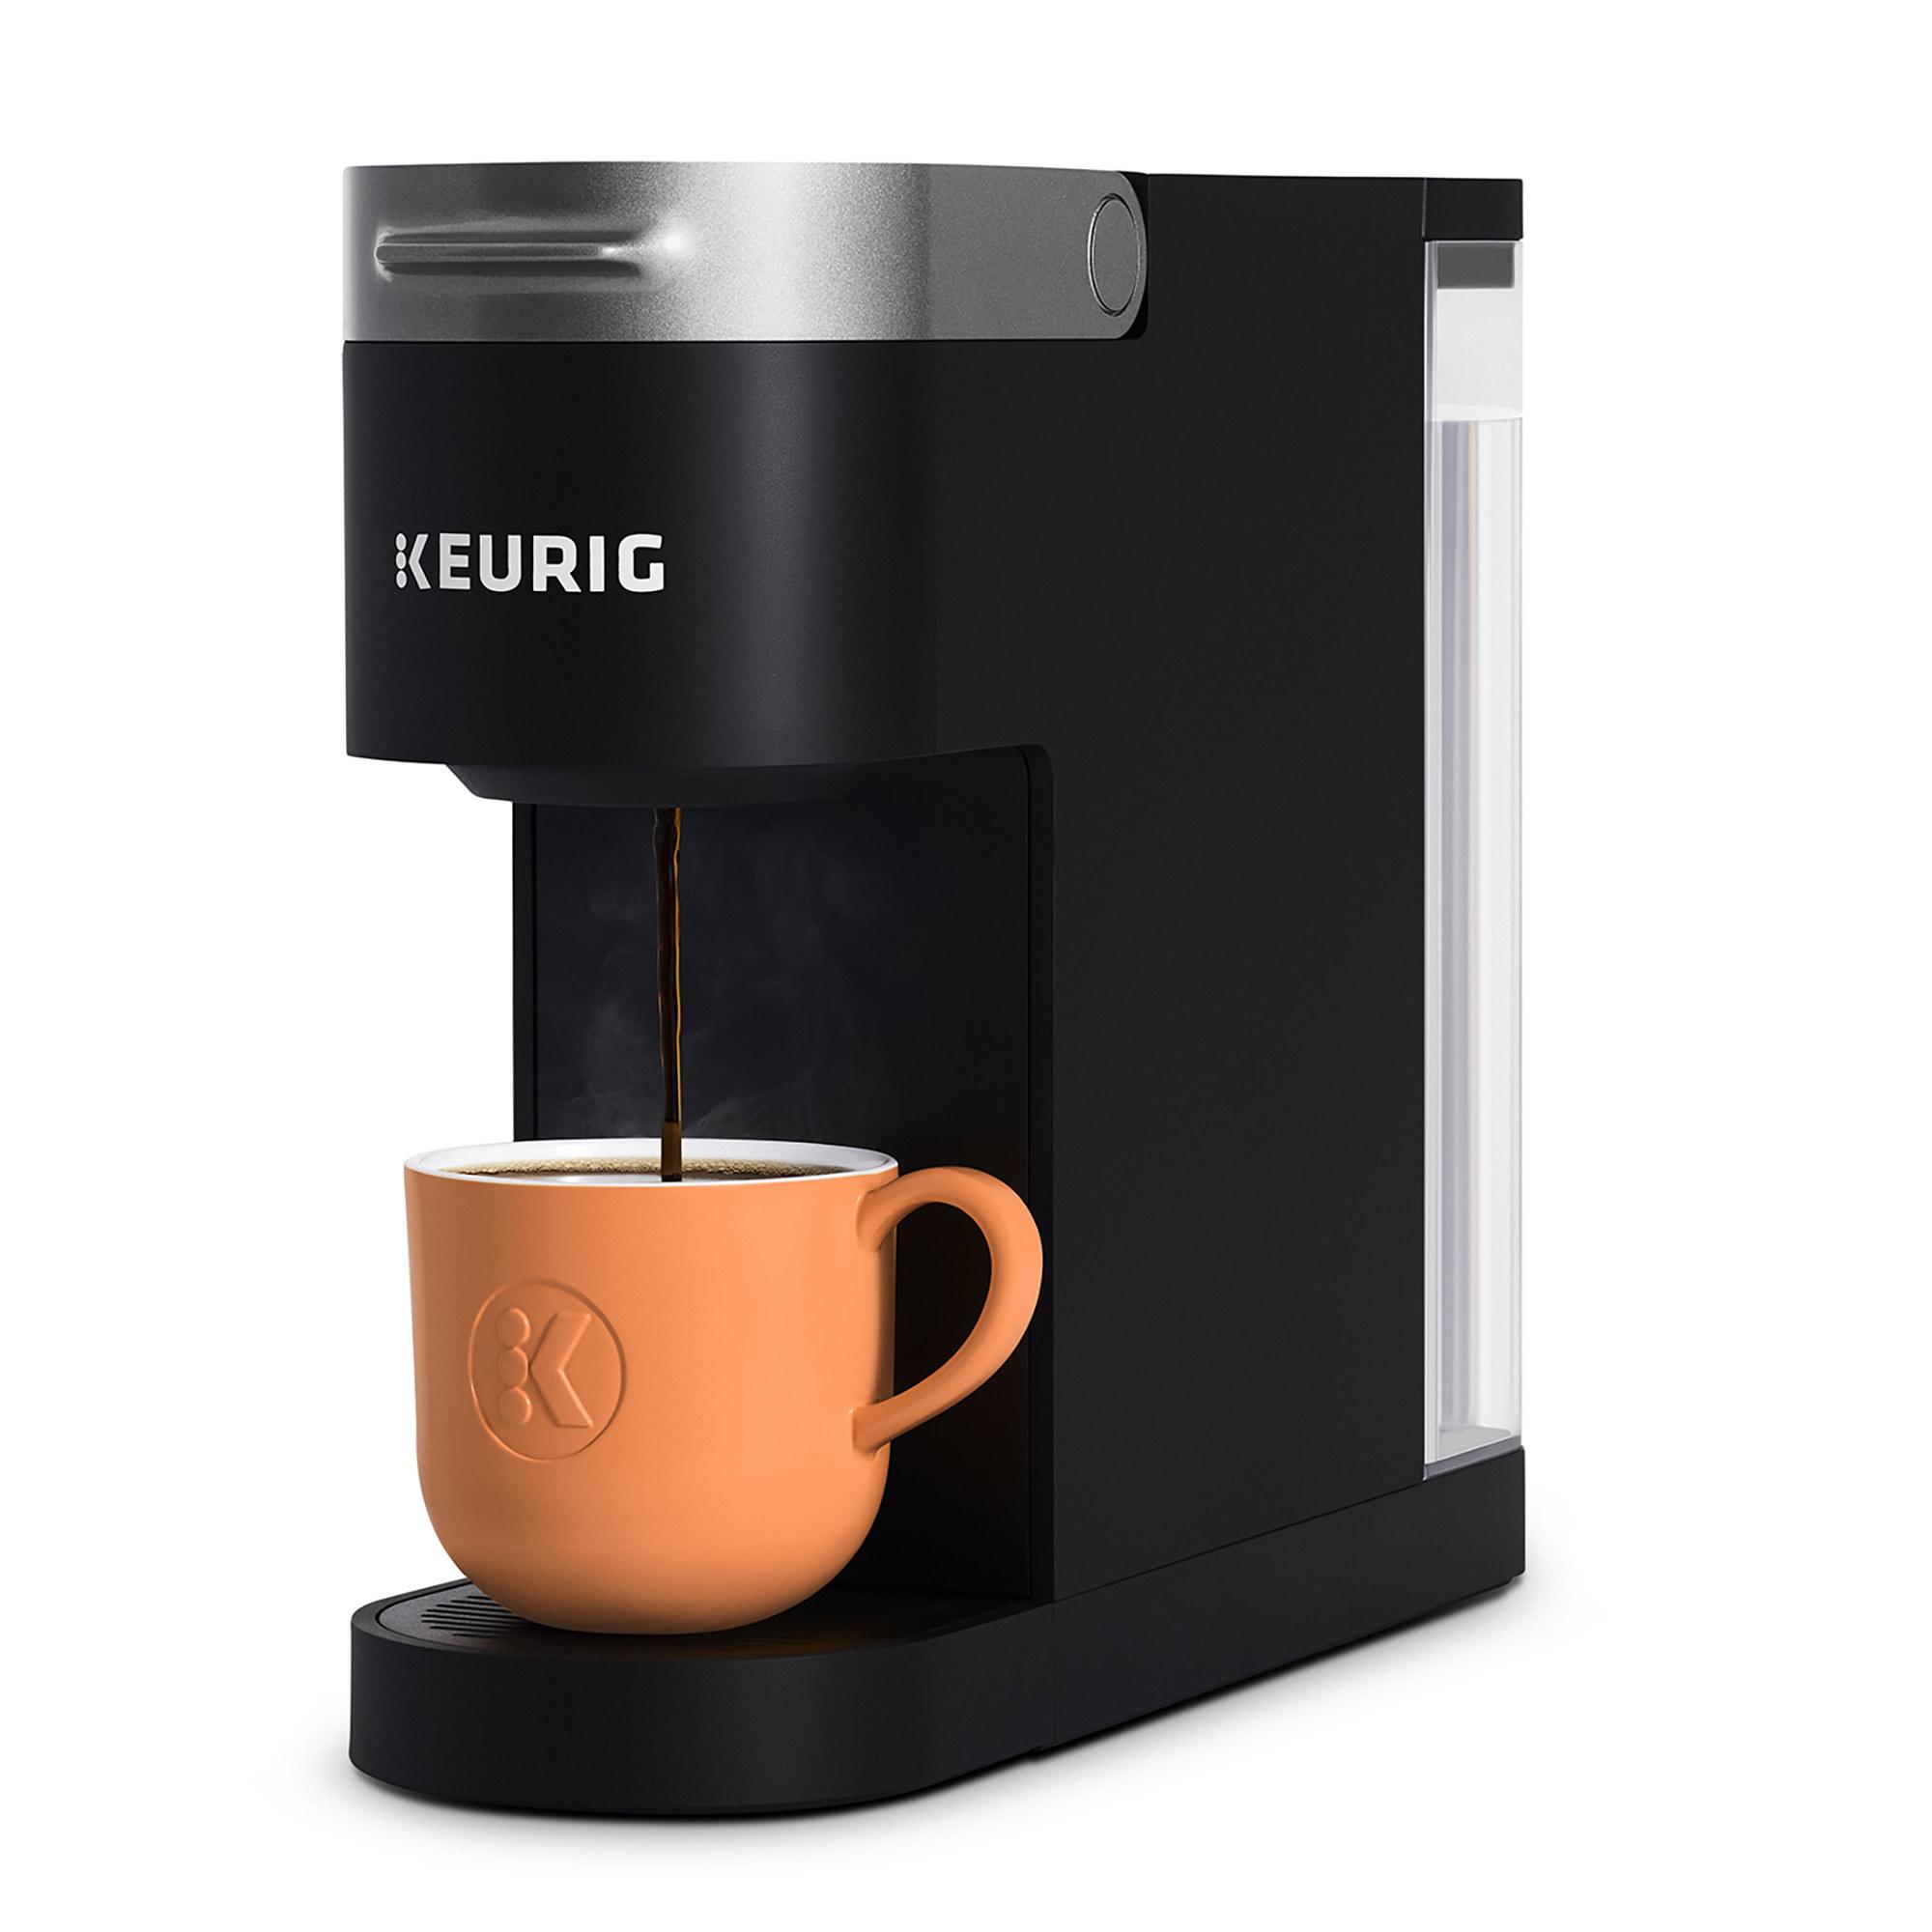 Keurig slim coffee pot with orange cup